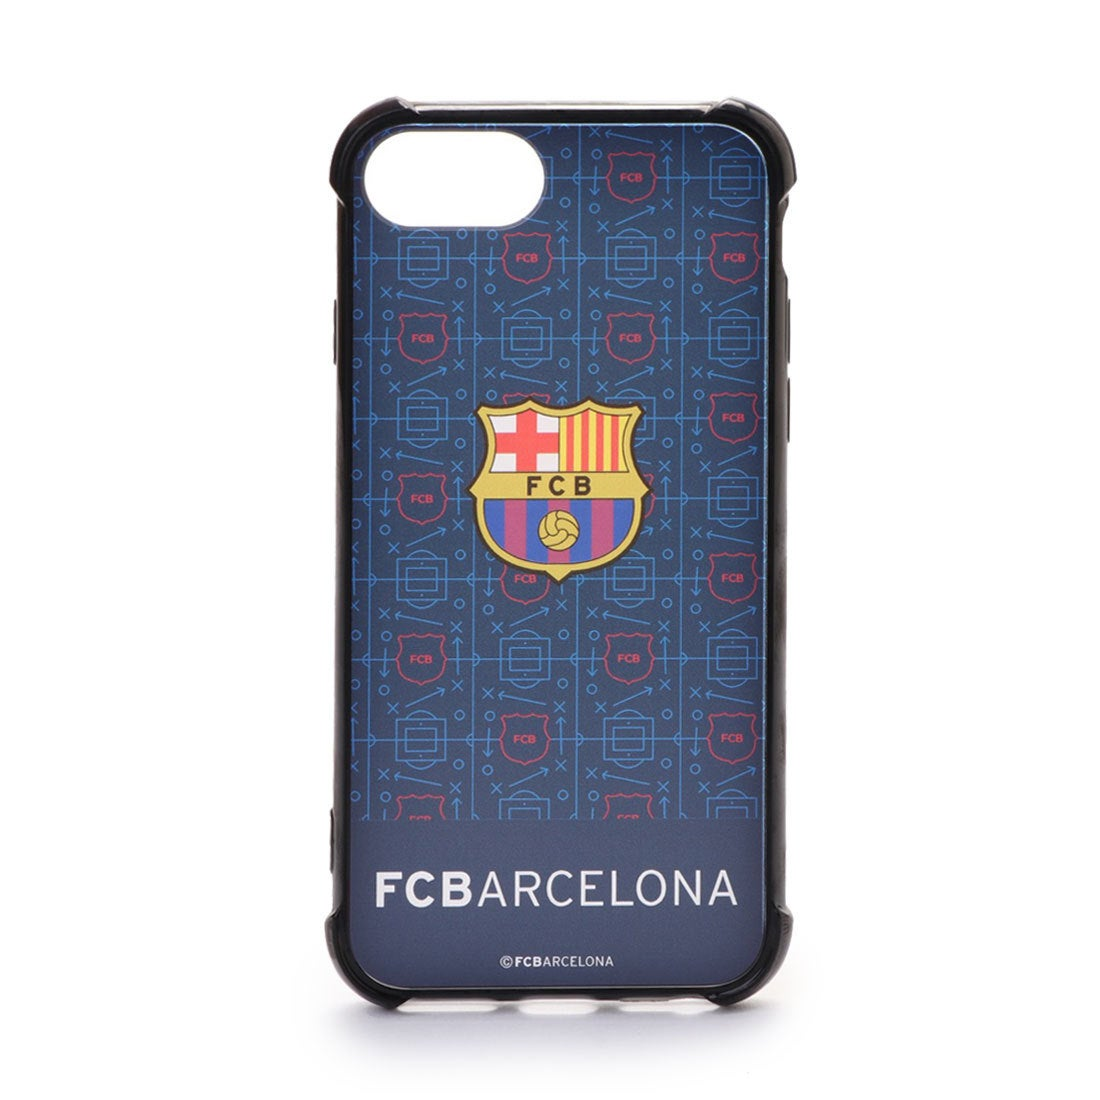 ロコンド 靴とファッションの通販サイトスポーツデポ SPORTS DEPO サッカー フットサル ライセンスグッズ FCバルセロナ iPhone 6/7/8 ハードカバー BCN32165